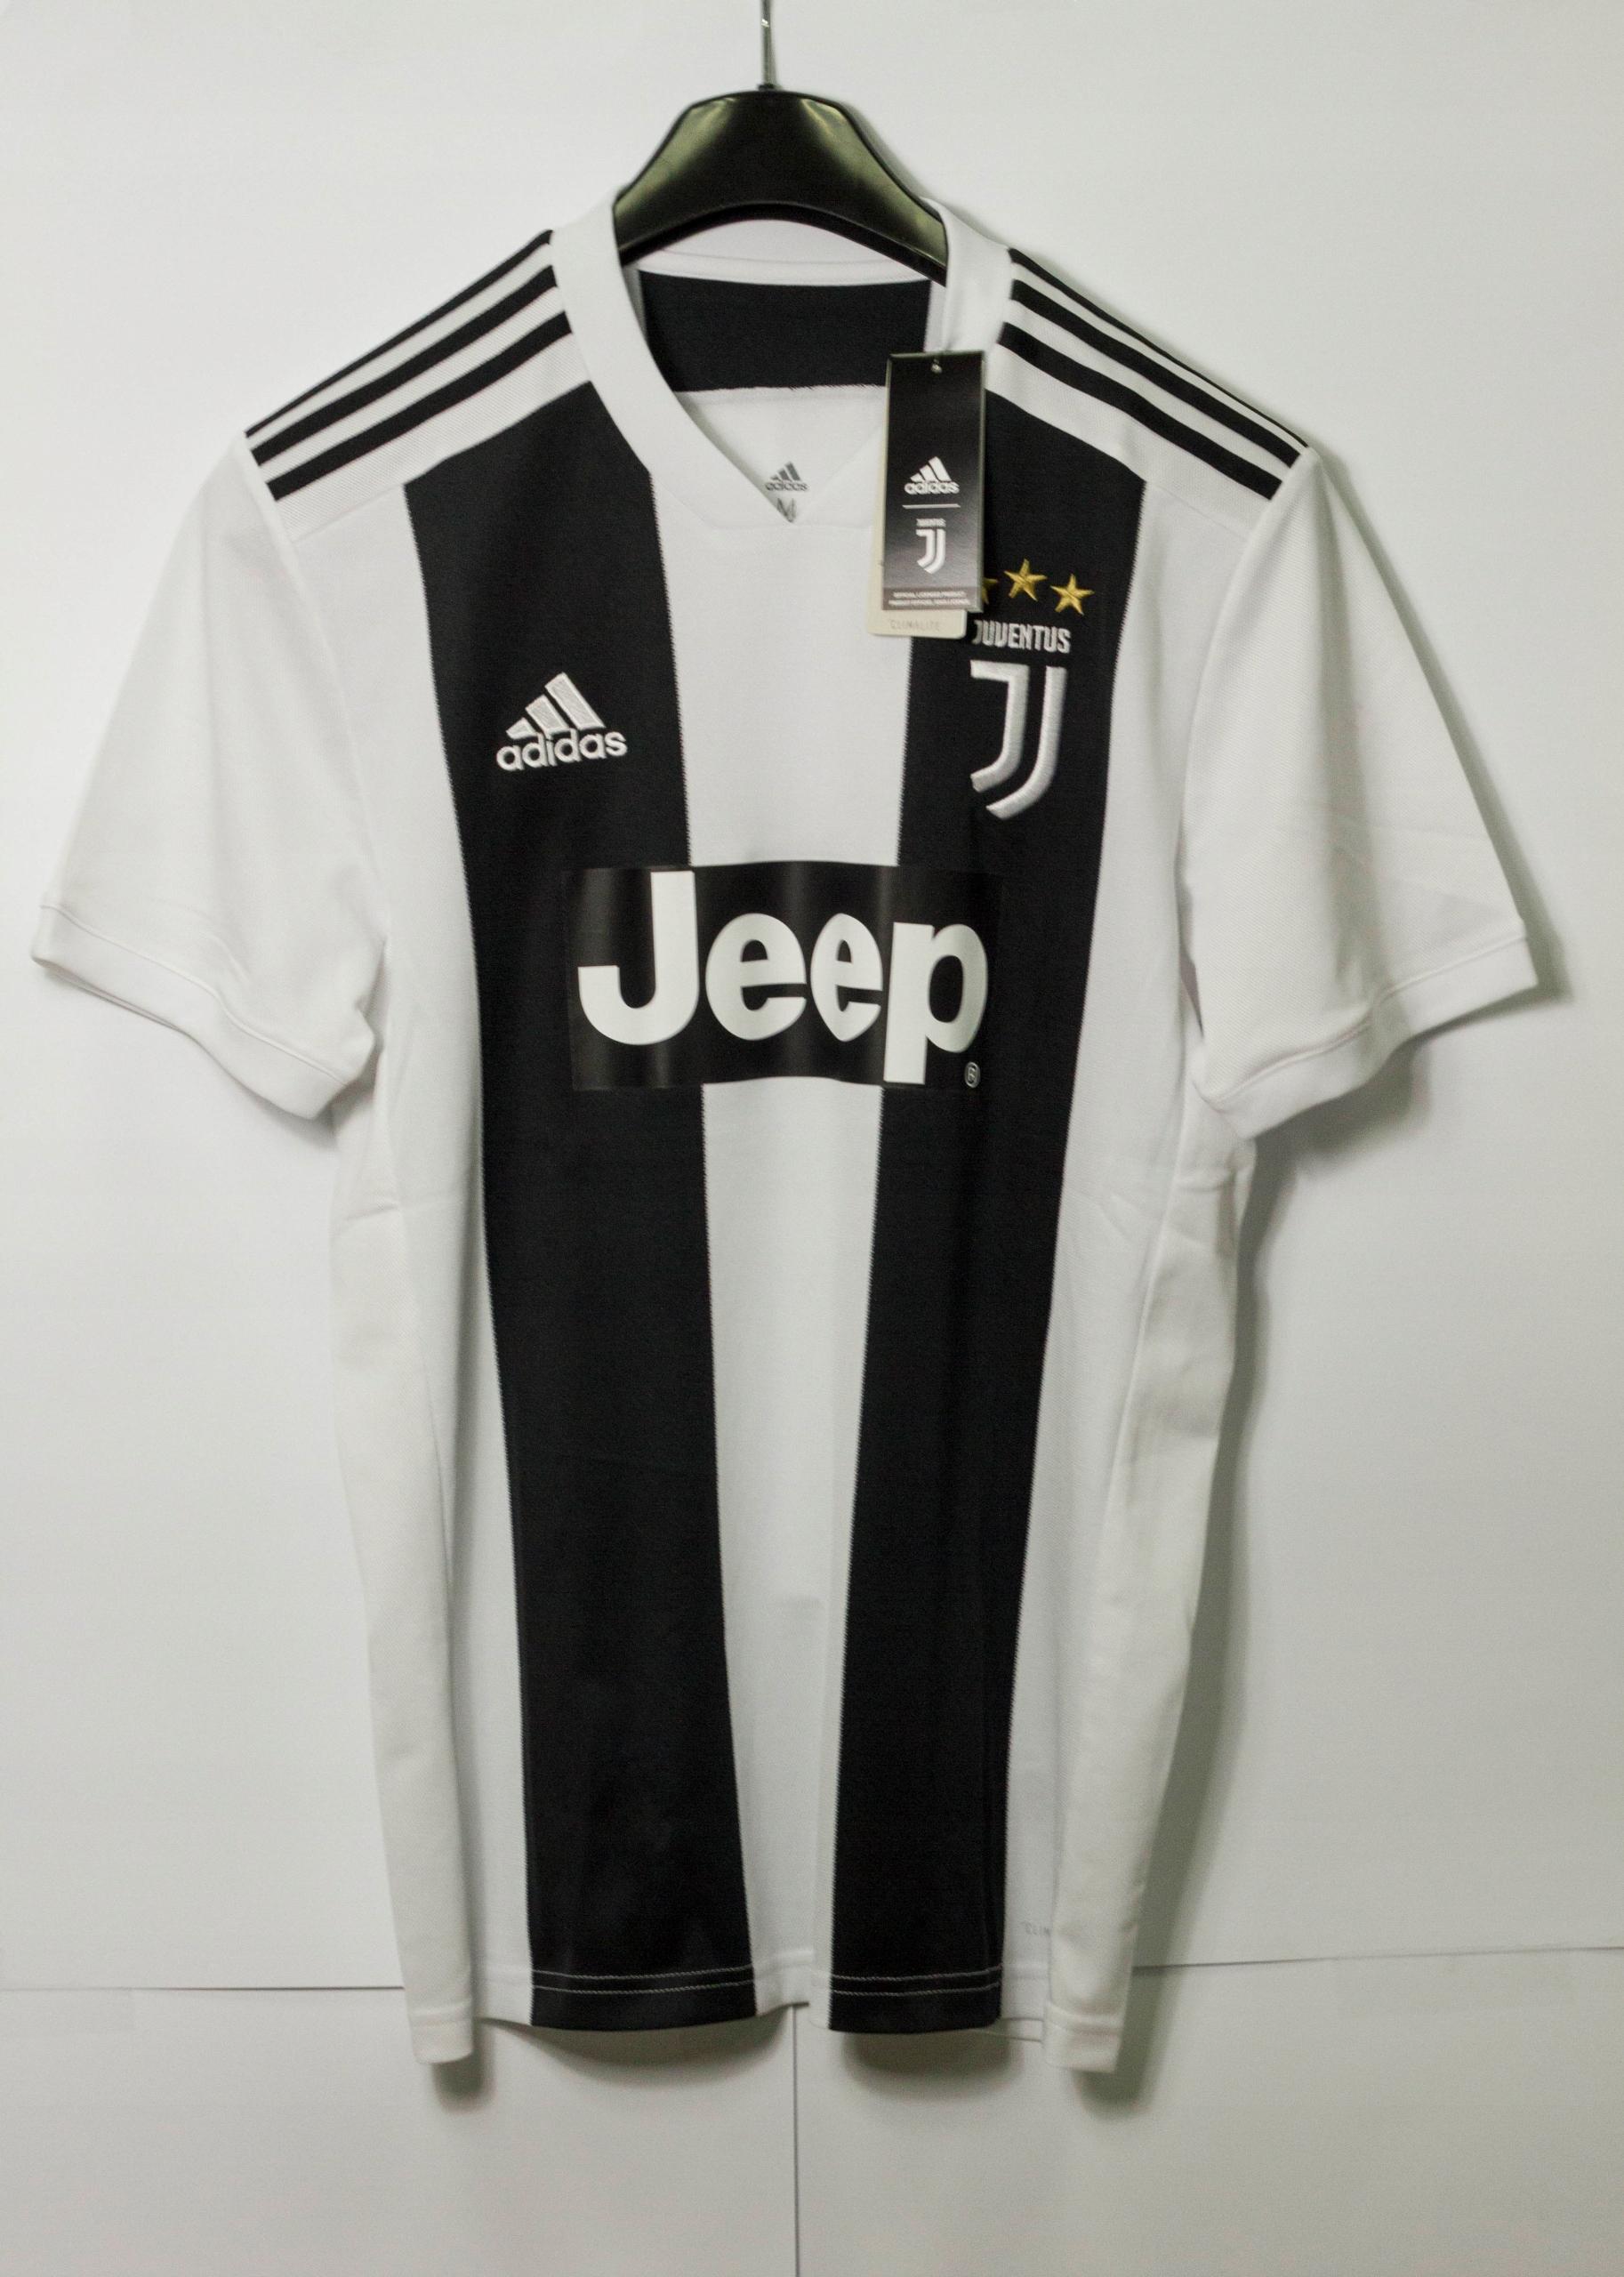 Koszulka Juventus 2018/19 (Adidas), r. M - z wadą